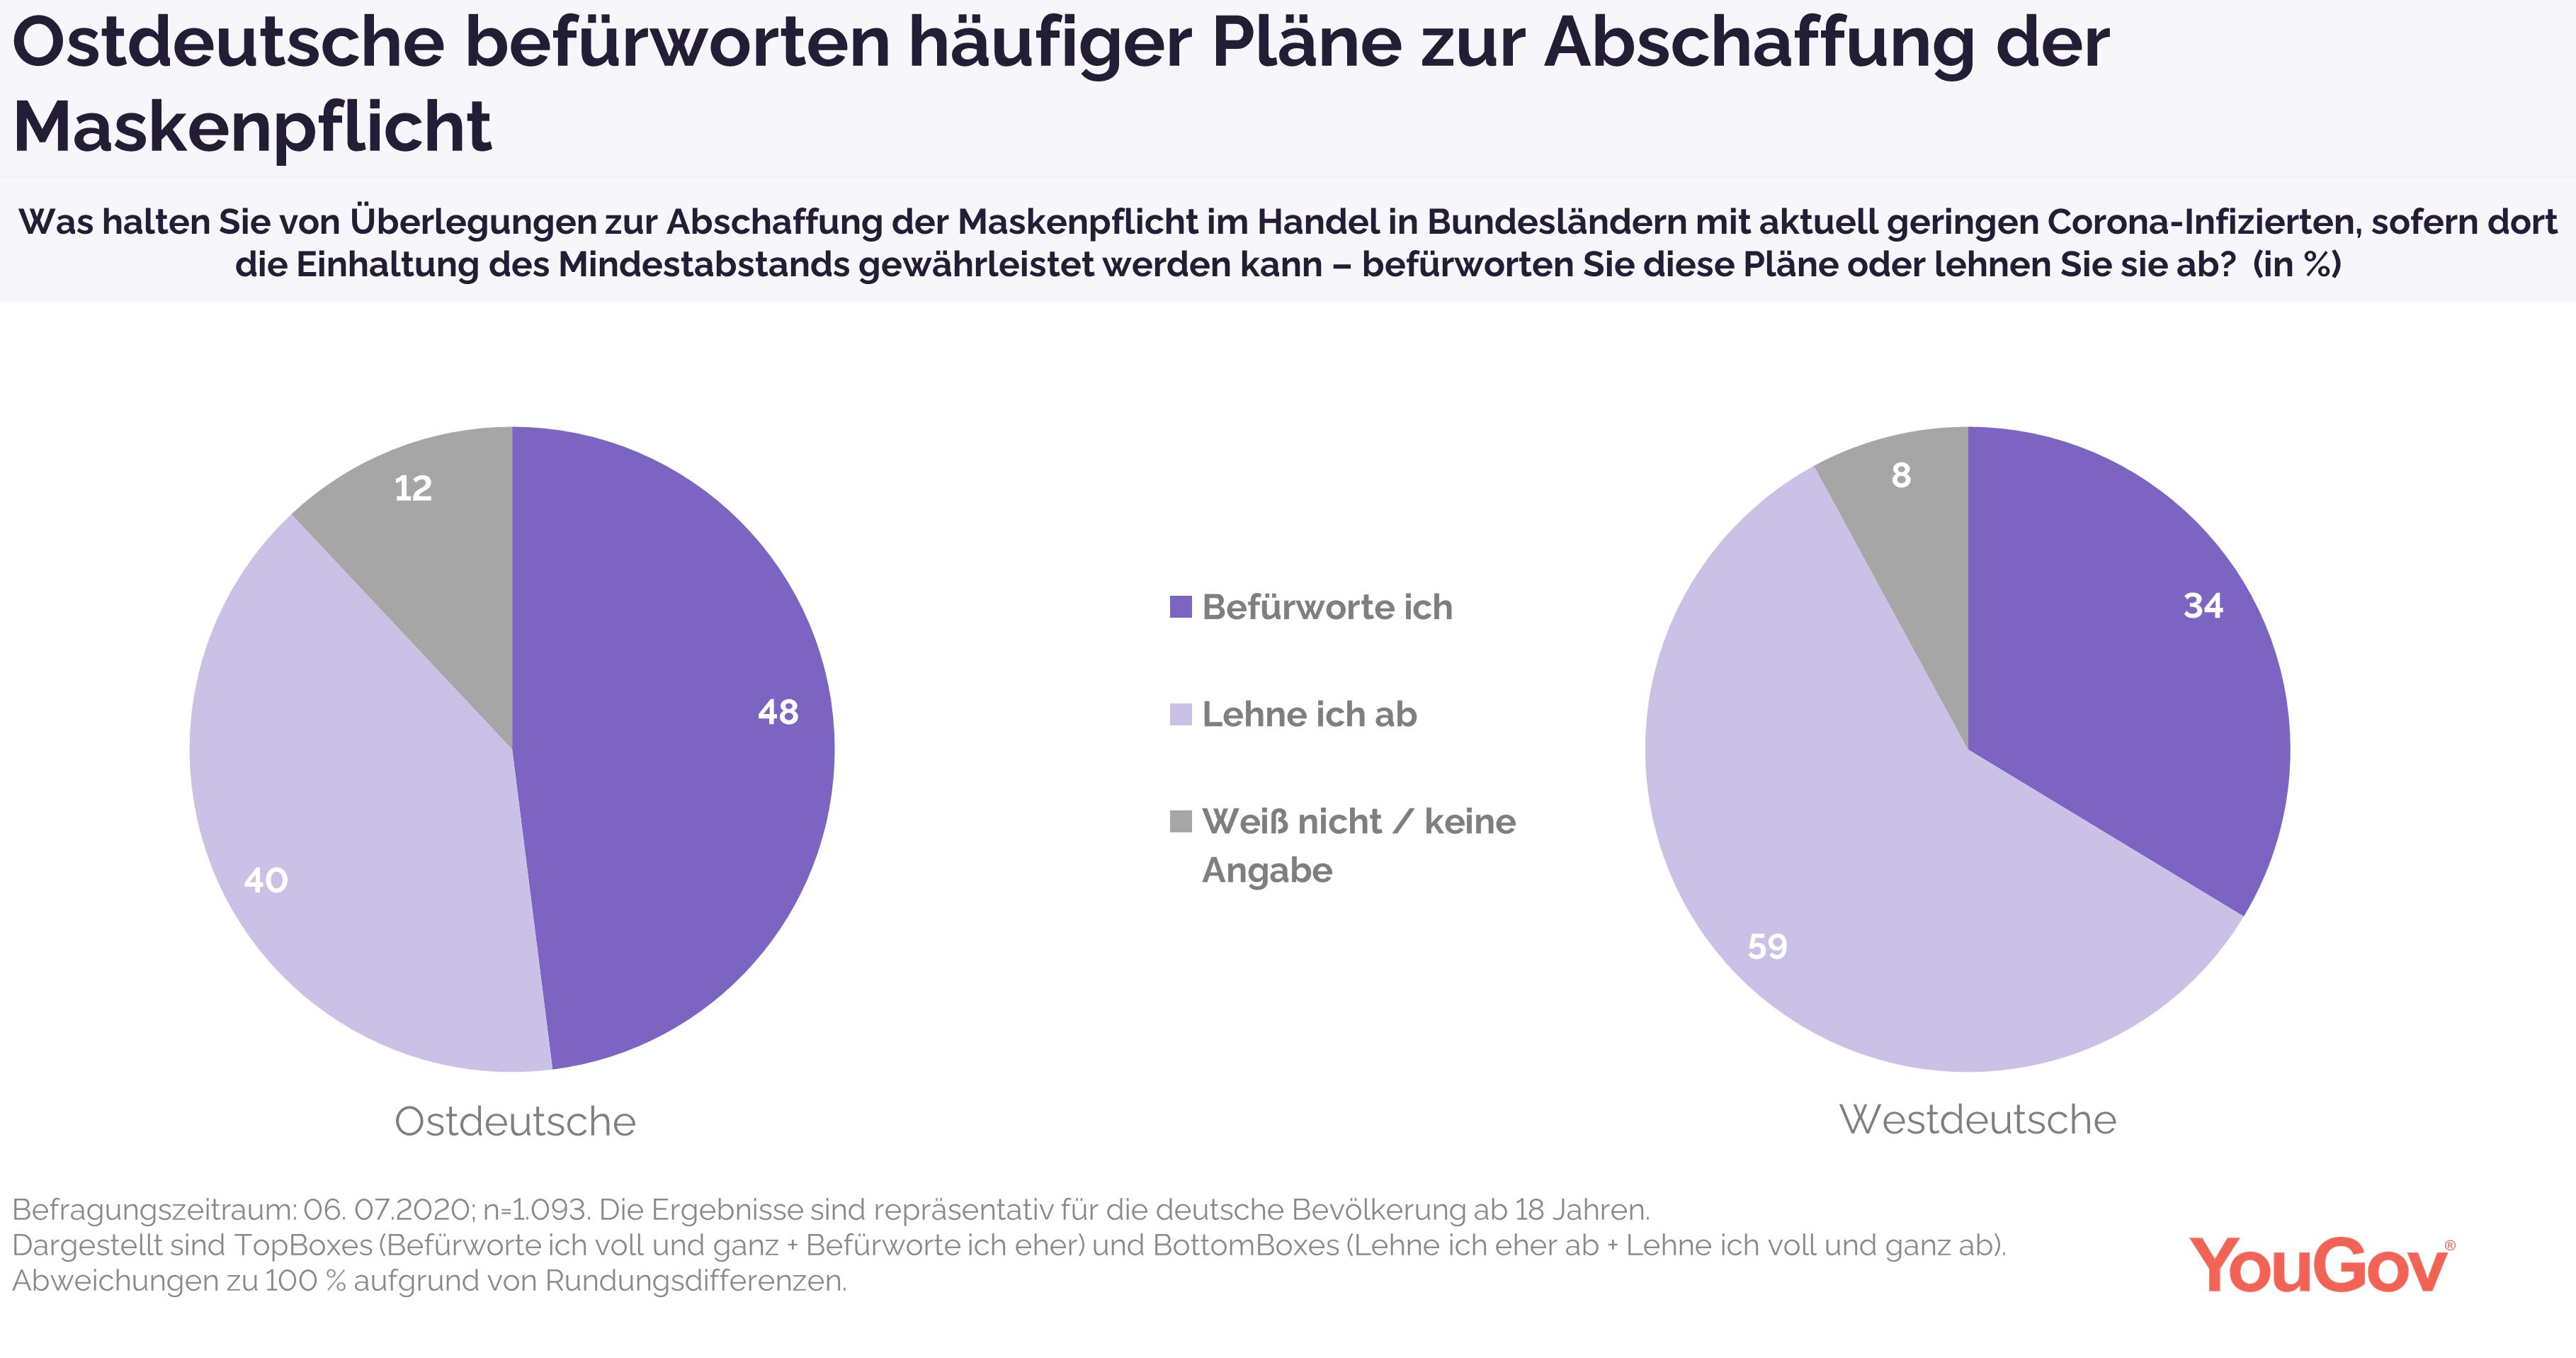 Ostdeutsche befürworten Abschaffung häufiger